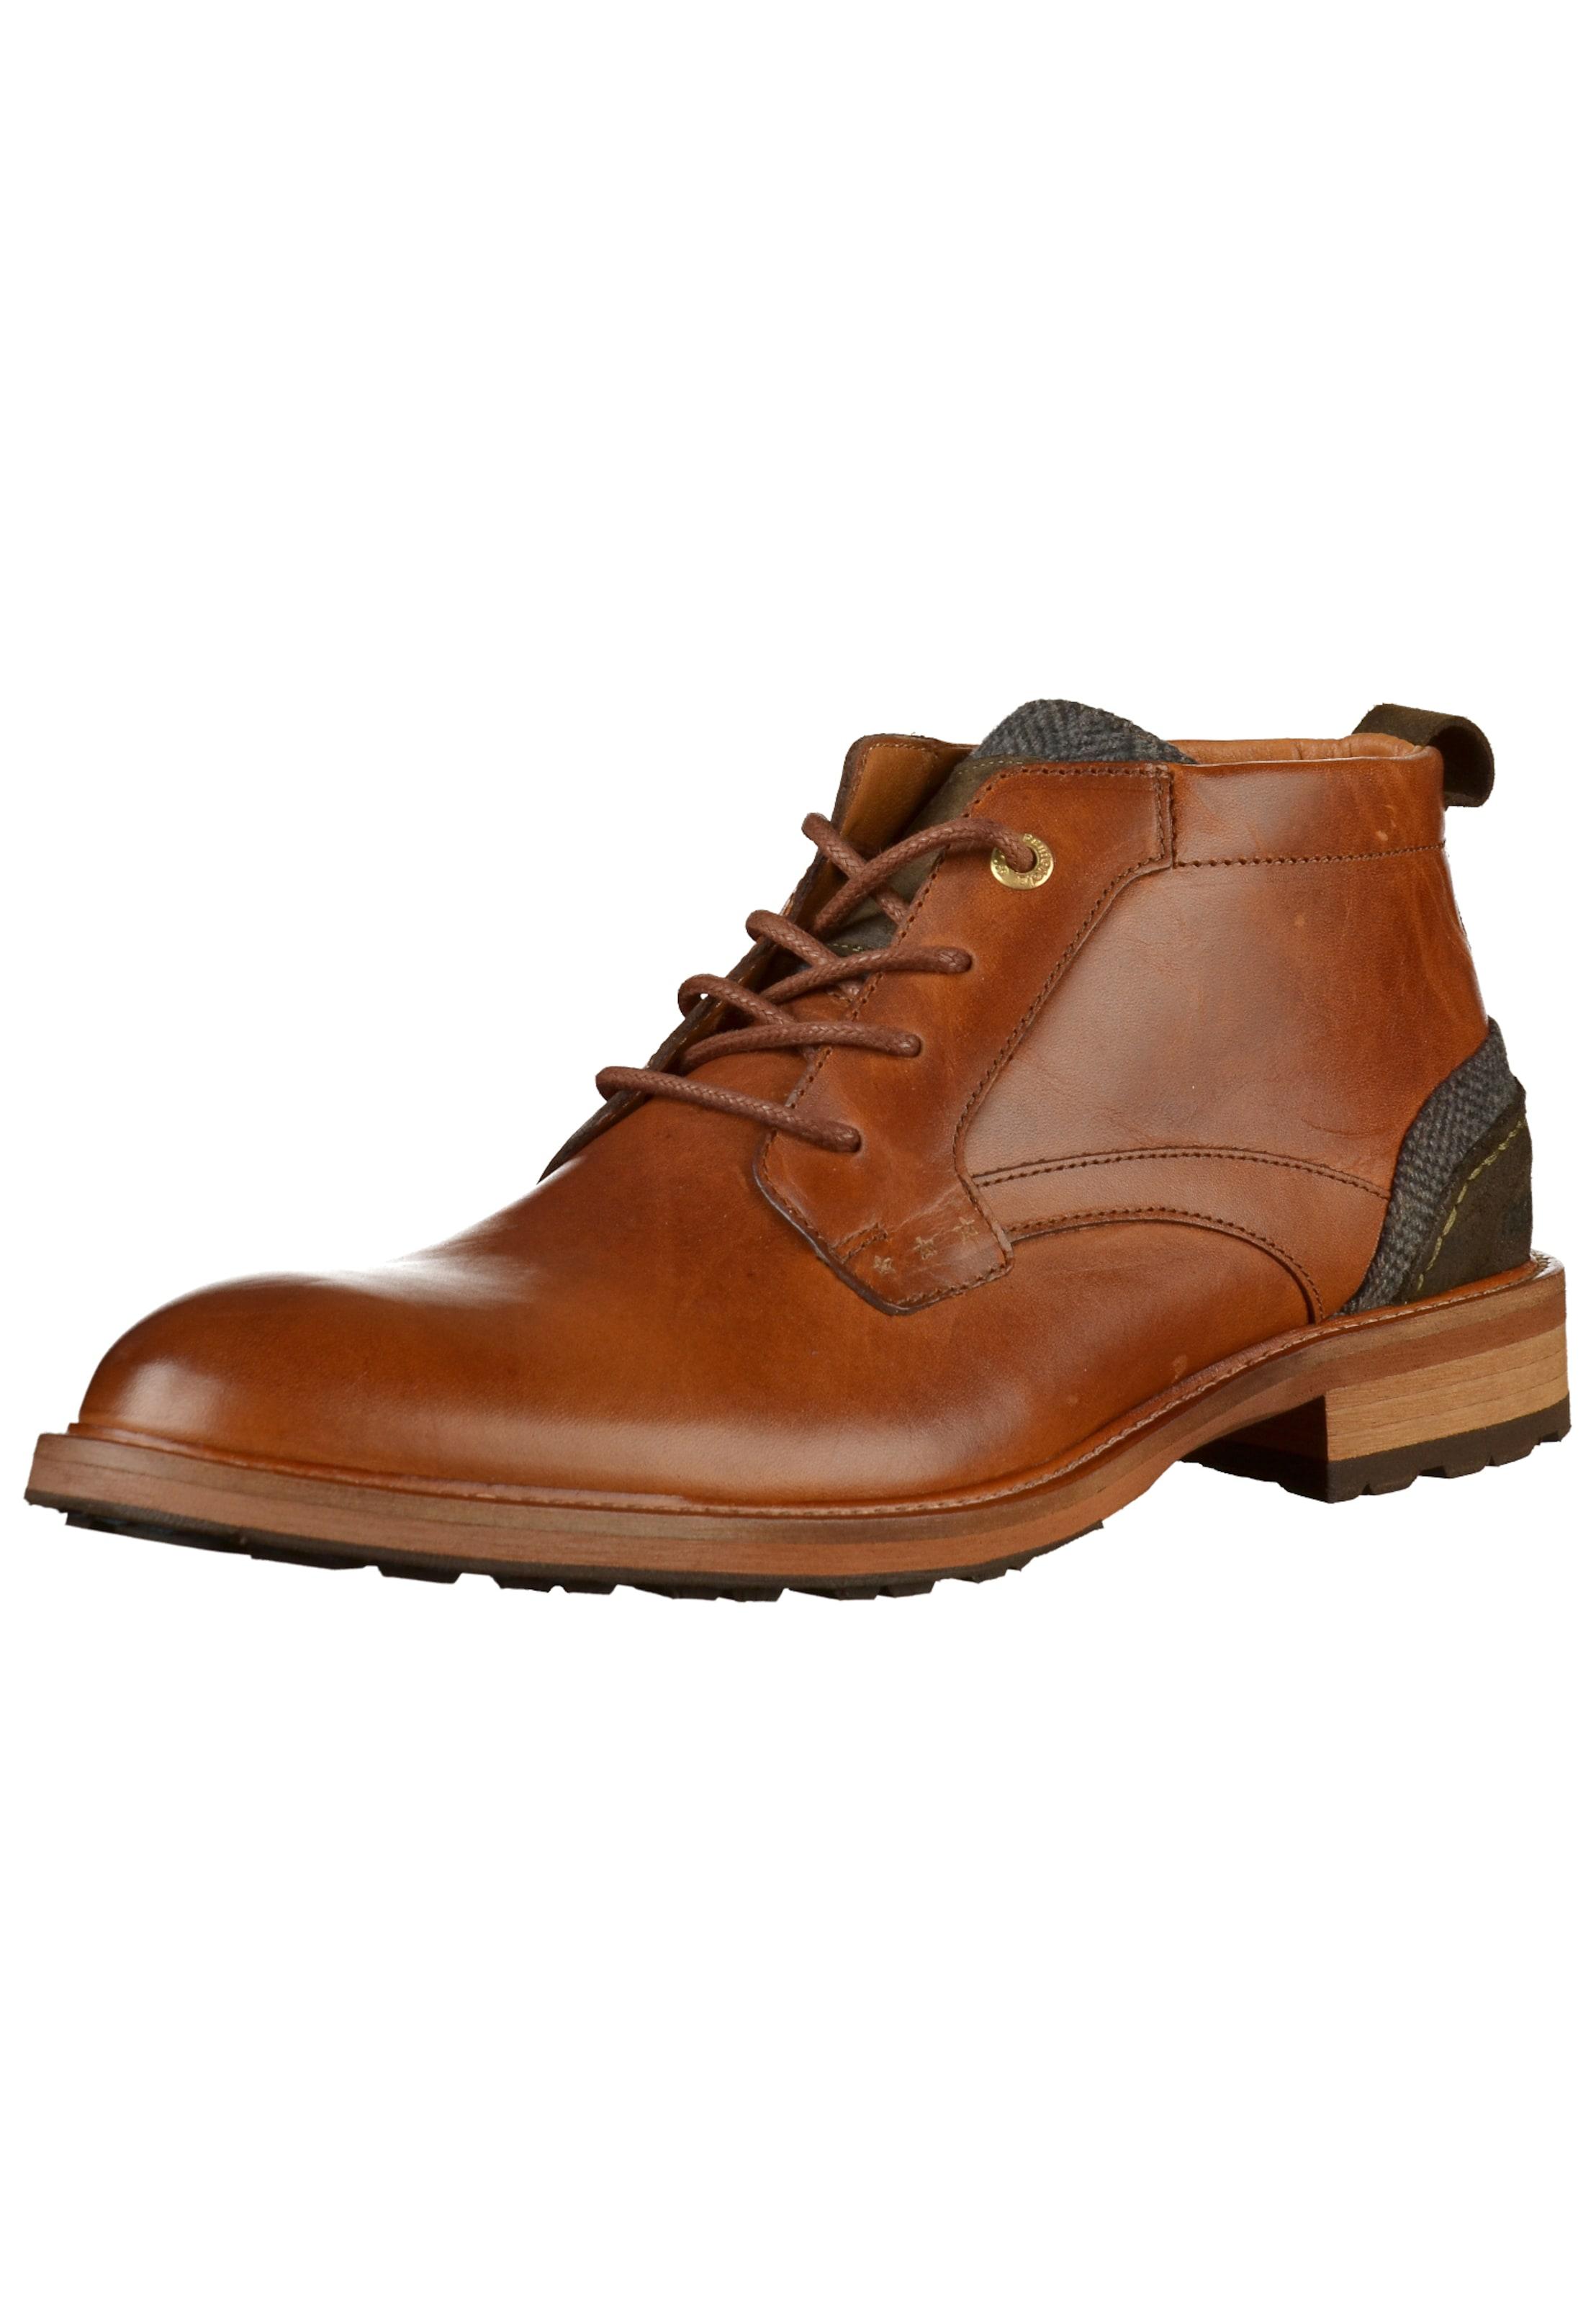 PANTOFOLA D ORO Businessschuhe Verschleißfeste billige Schuhe